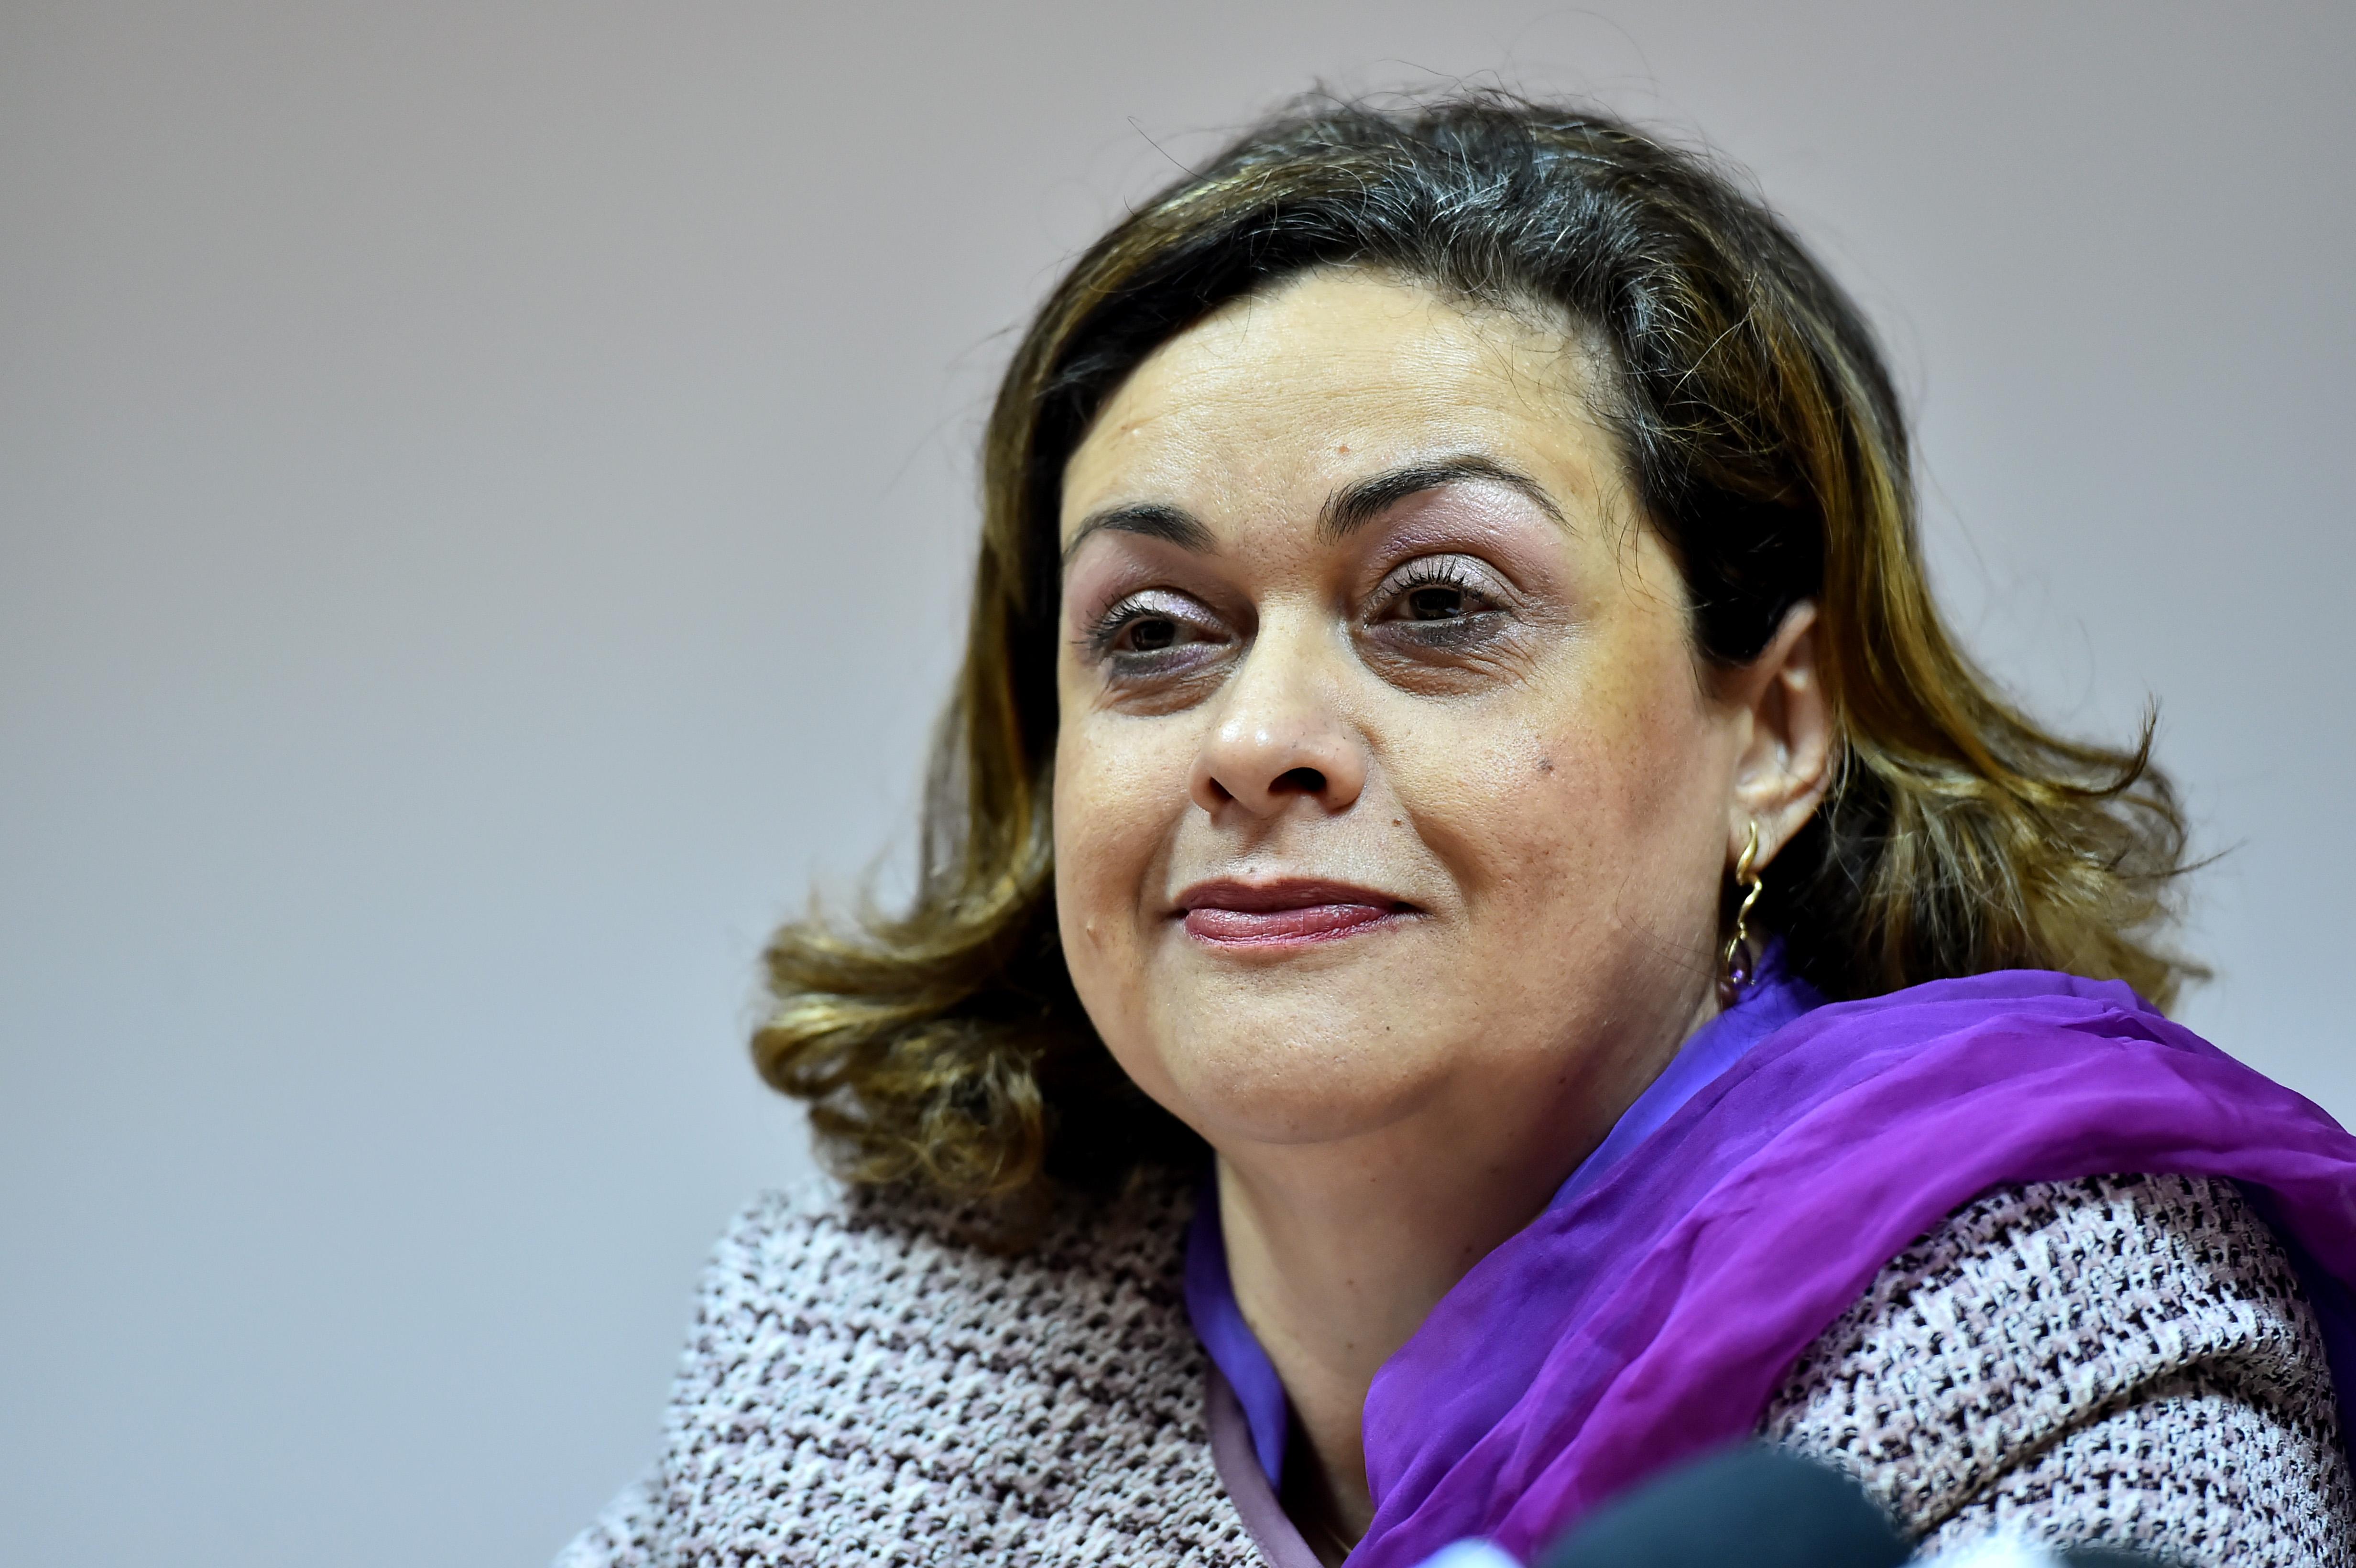 Ministrul Muncii, Ana Costea, si-a dat demisia in urma scandalului privind legea salarizarii bugetarilor. Ciolos a acceptat-o